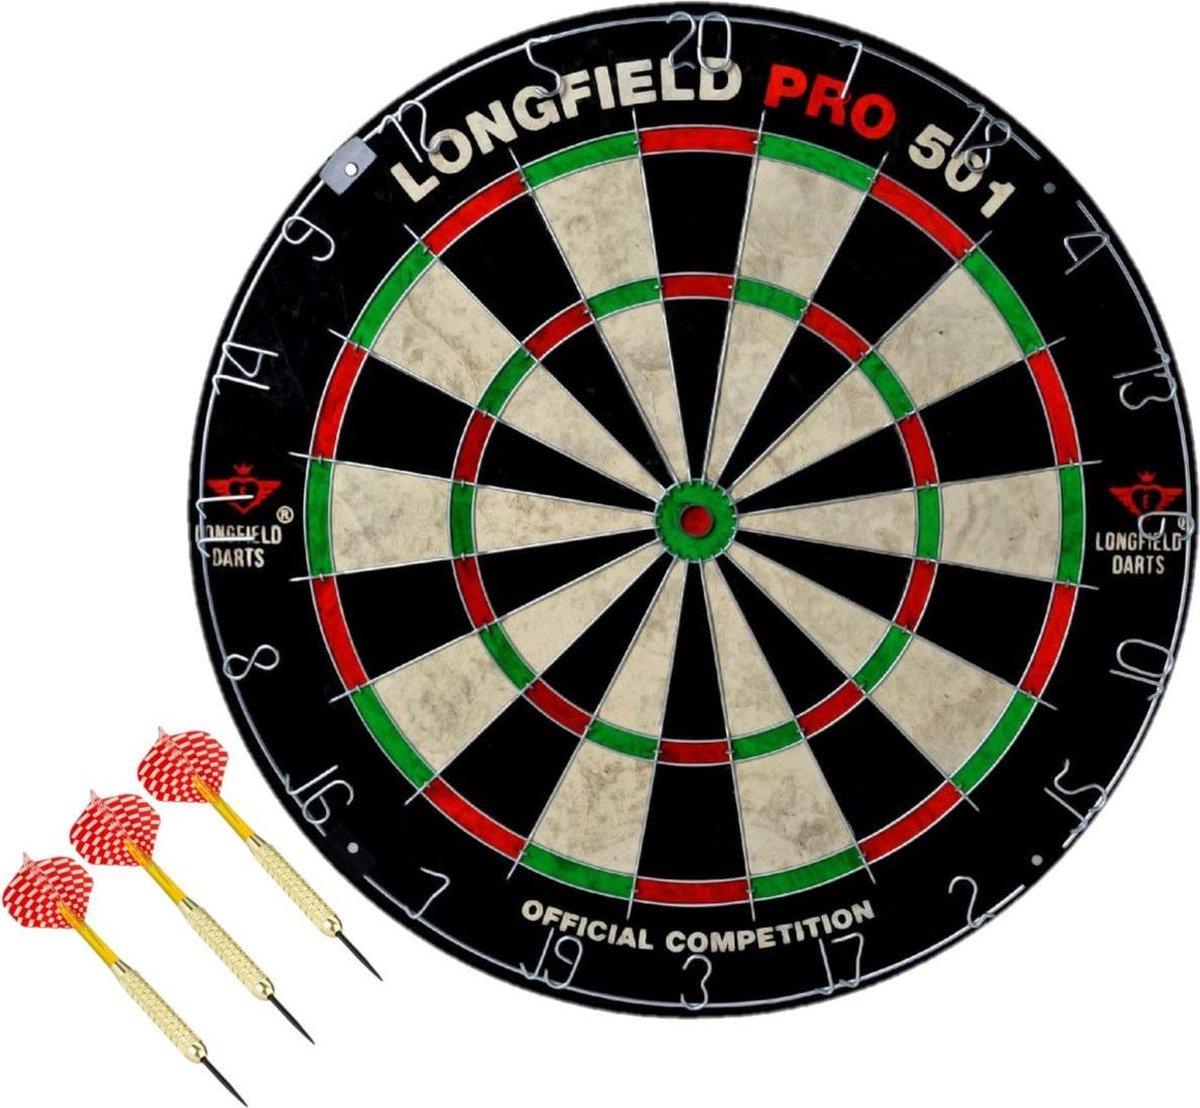 Dartbord set compleet van diameter 45.5 cm met 3x dartpijlen van 22 gram - Longfield professional - Darten